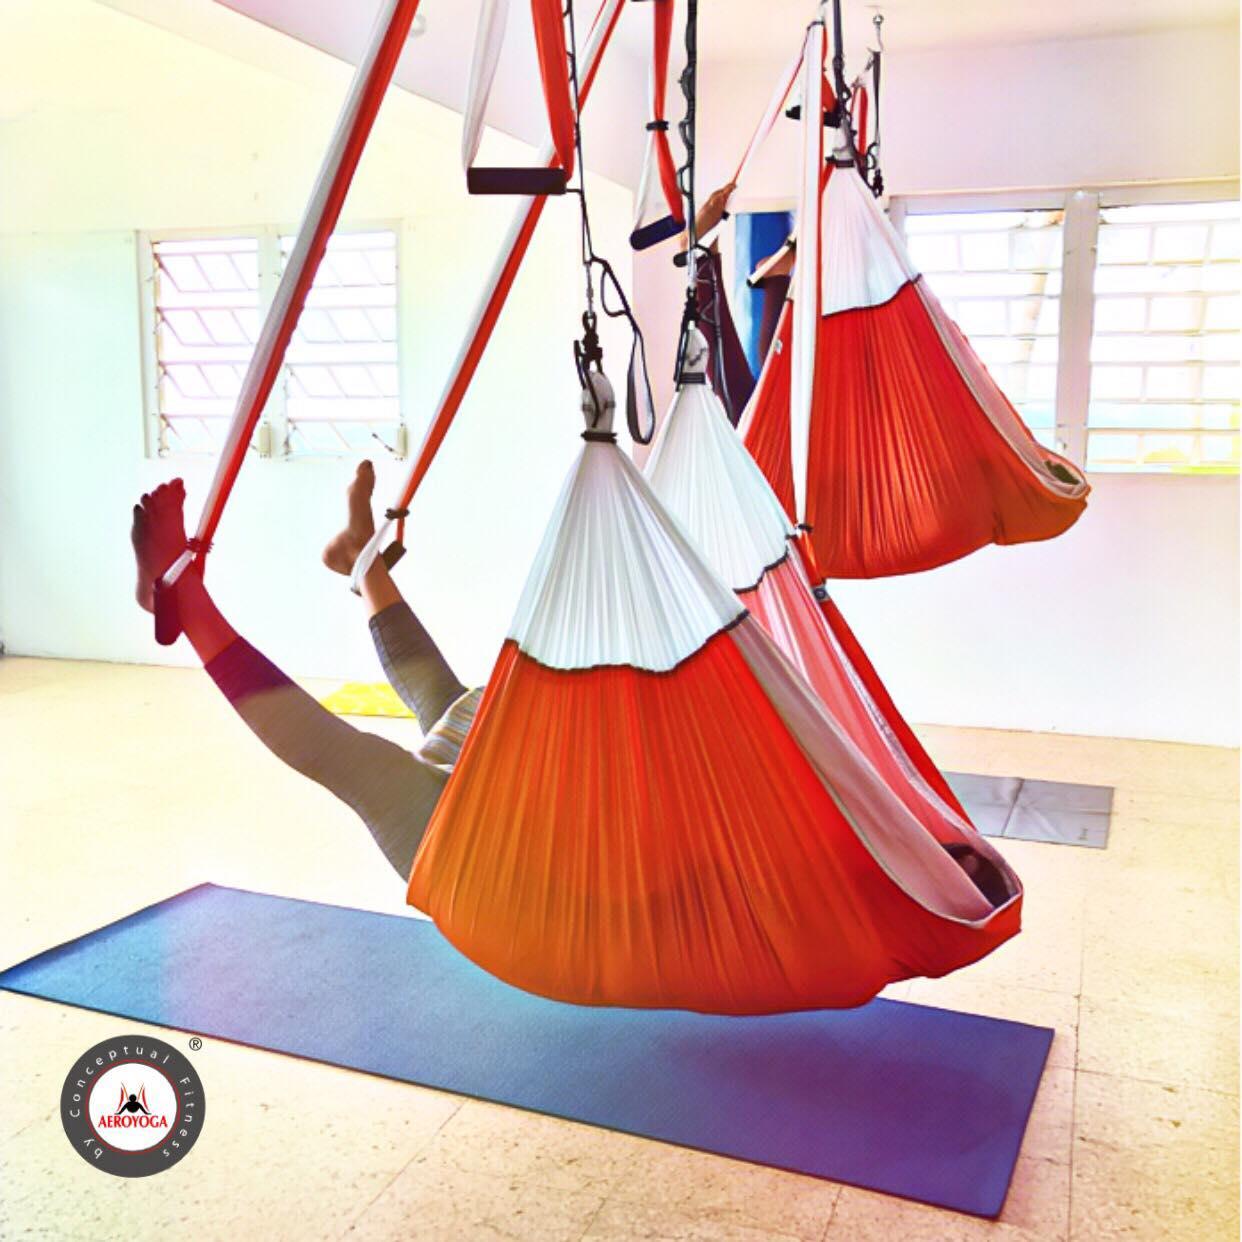 Formación Yoga Aéreo, Descubre Técnica Aérea de Masaje con Método AeroYoga ®